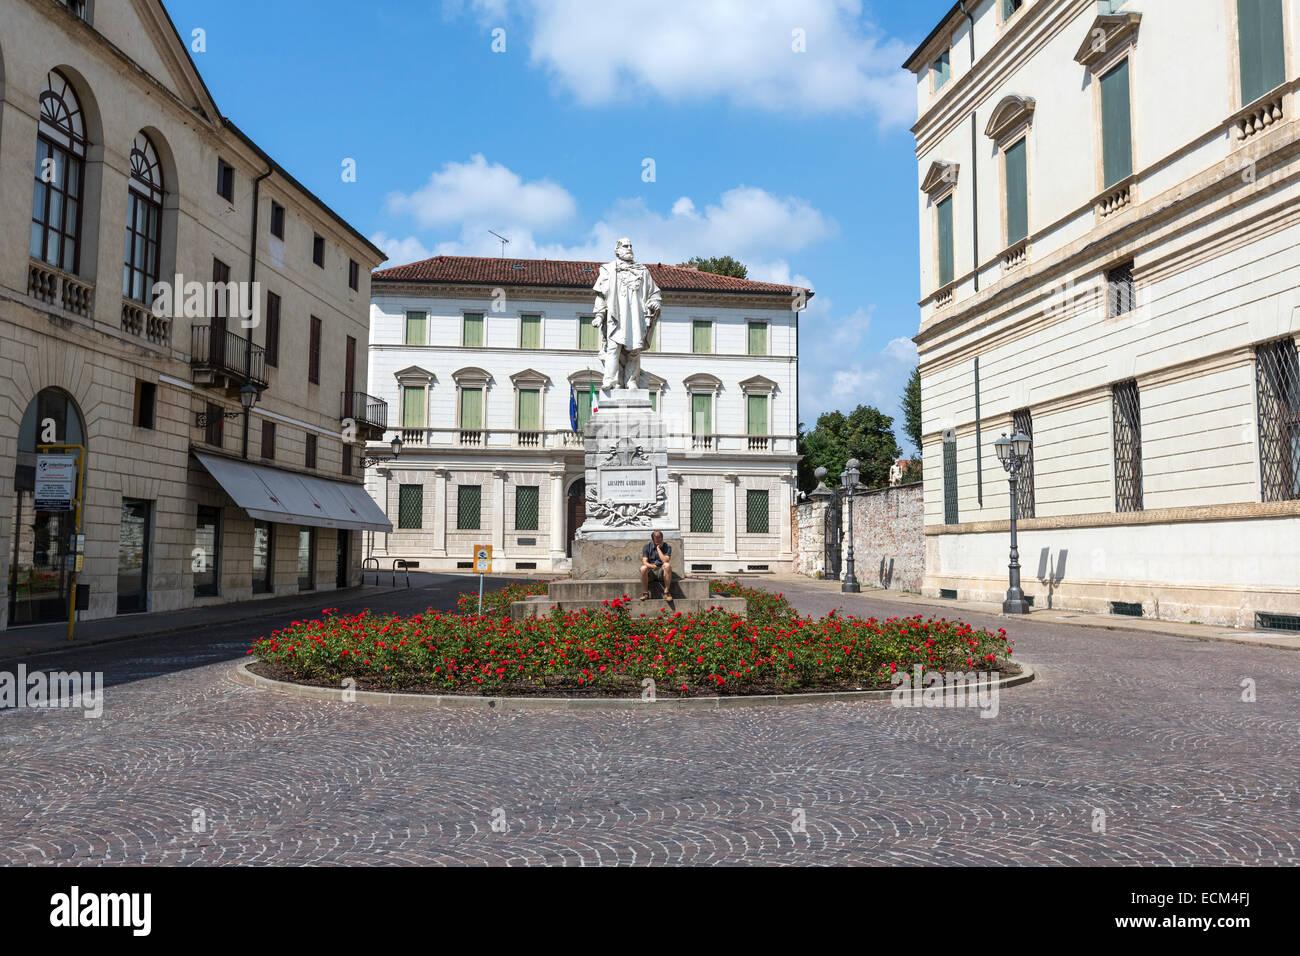 Giuseppe Garibaldi statue at Piazza Castello in Vicenza - Stock Image